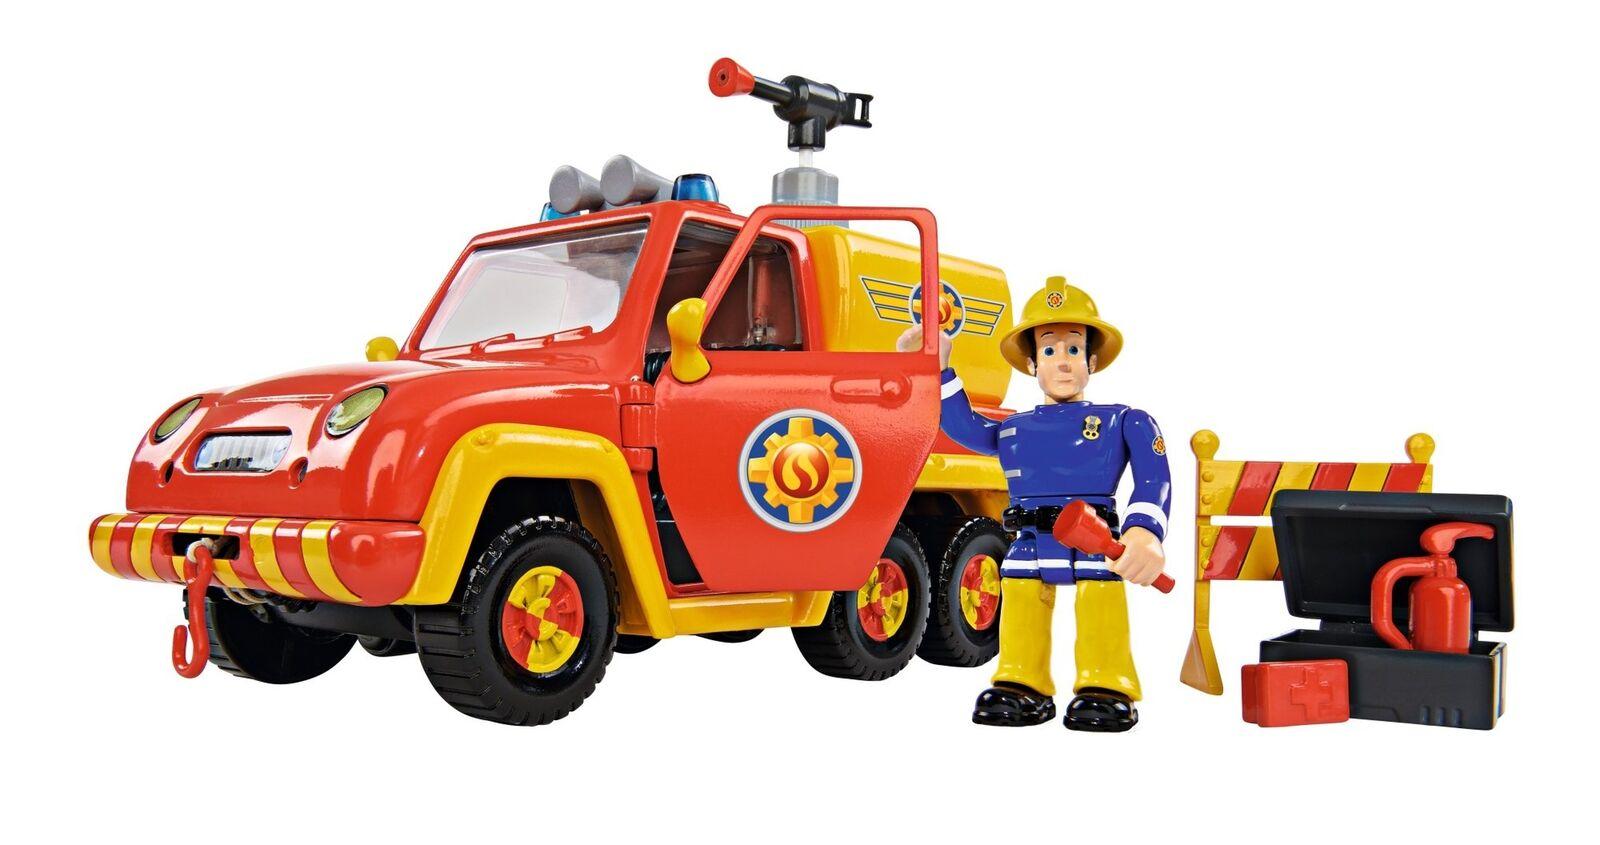 SIMBA 109257656 Fire Engine Set Fireman Sam-Venus with Figurine